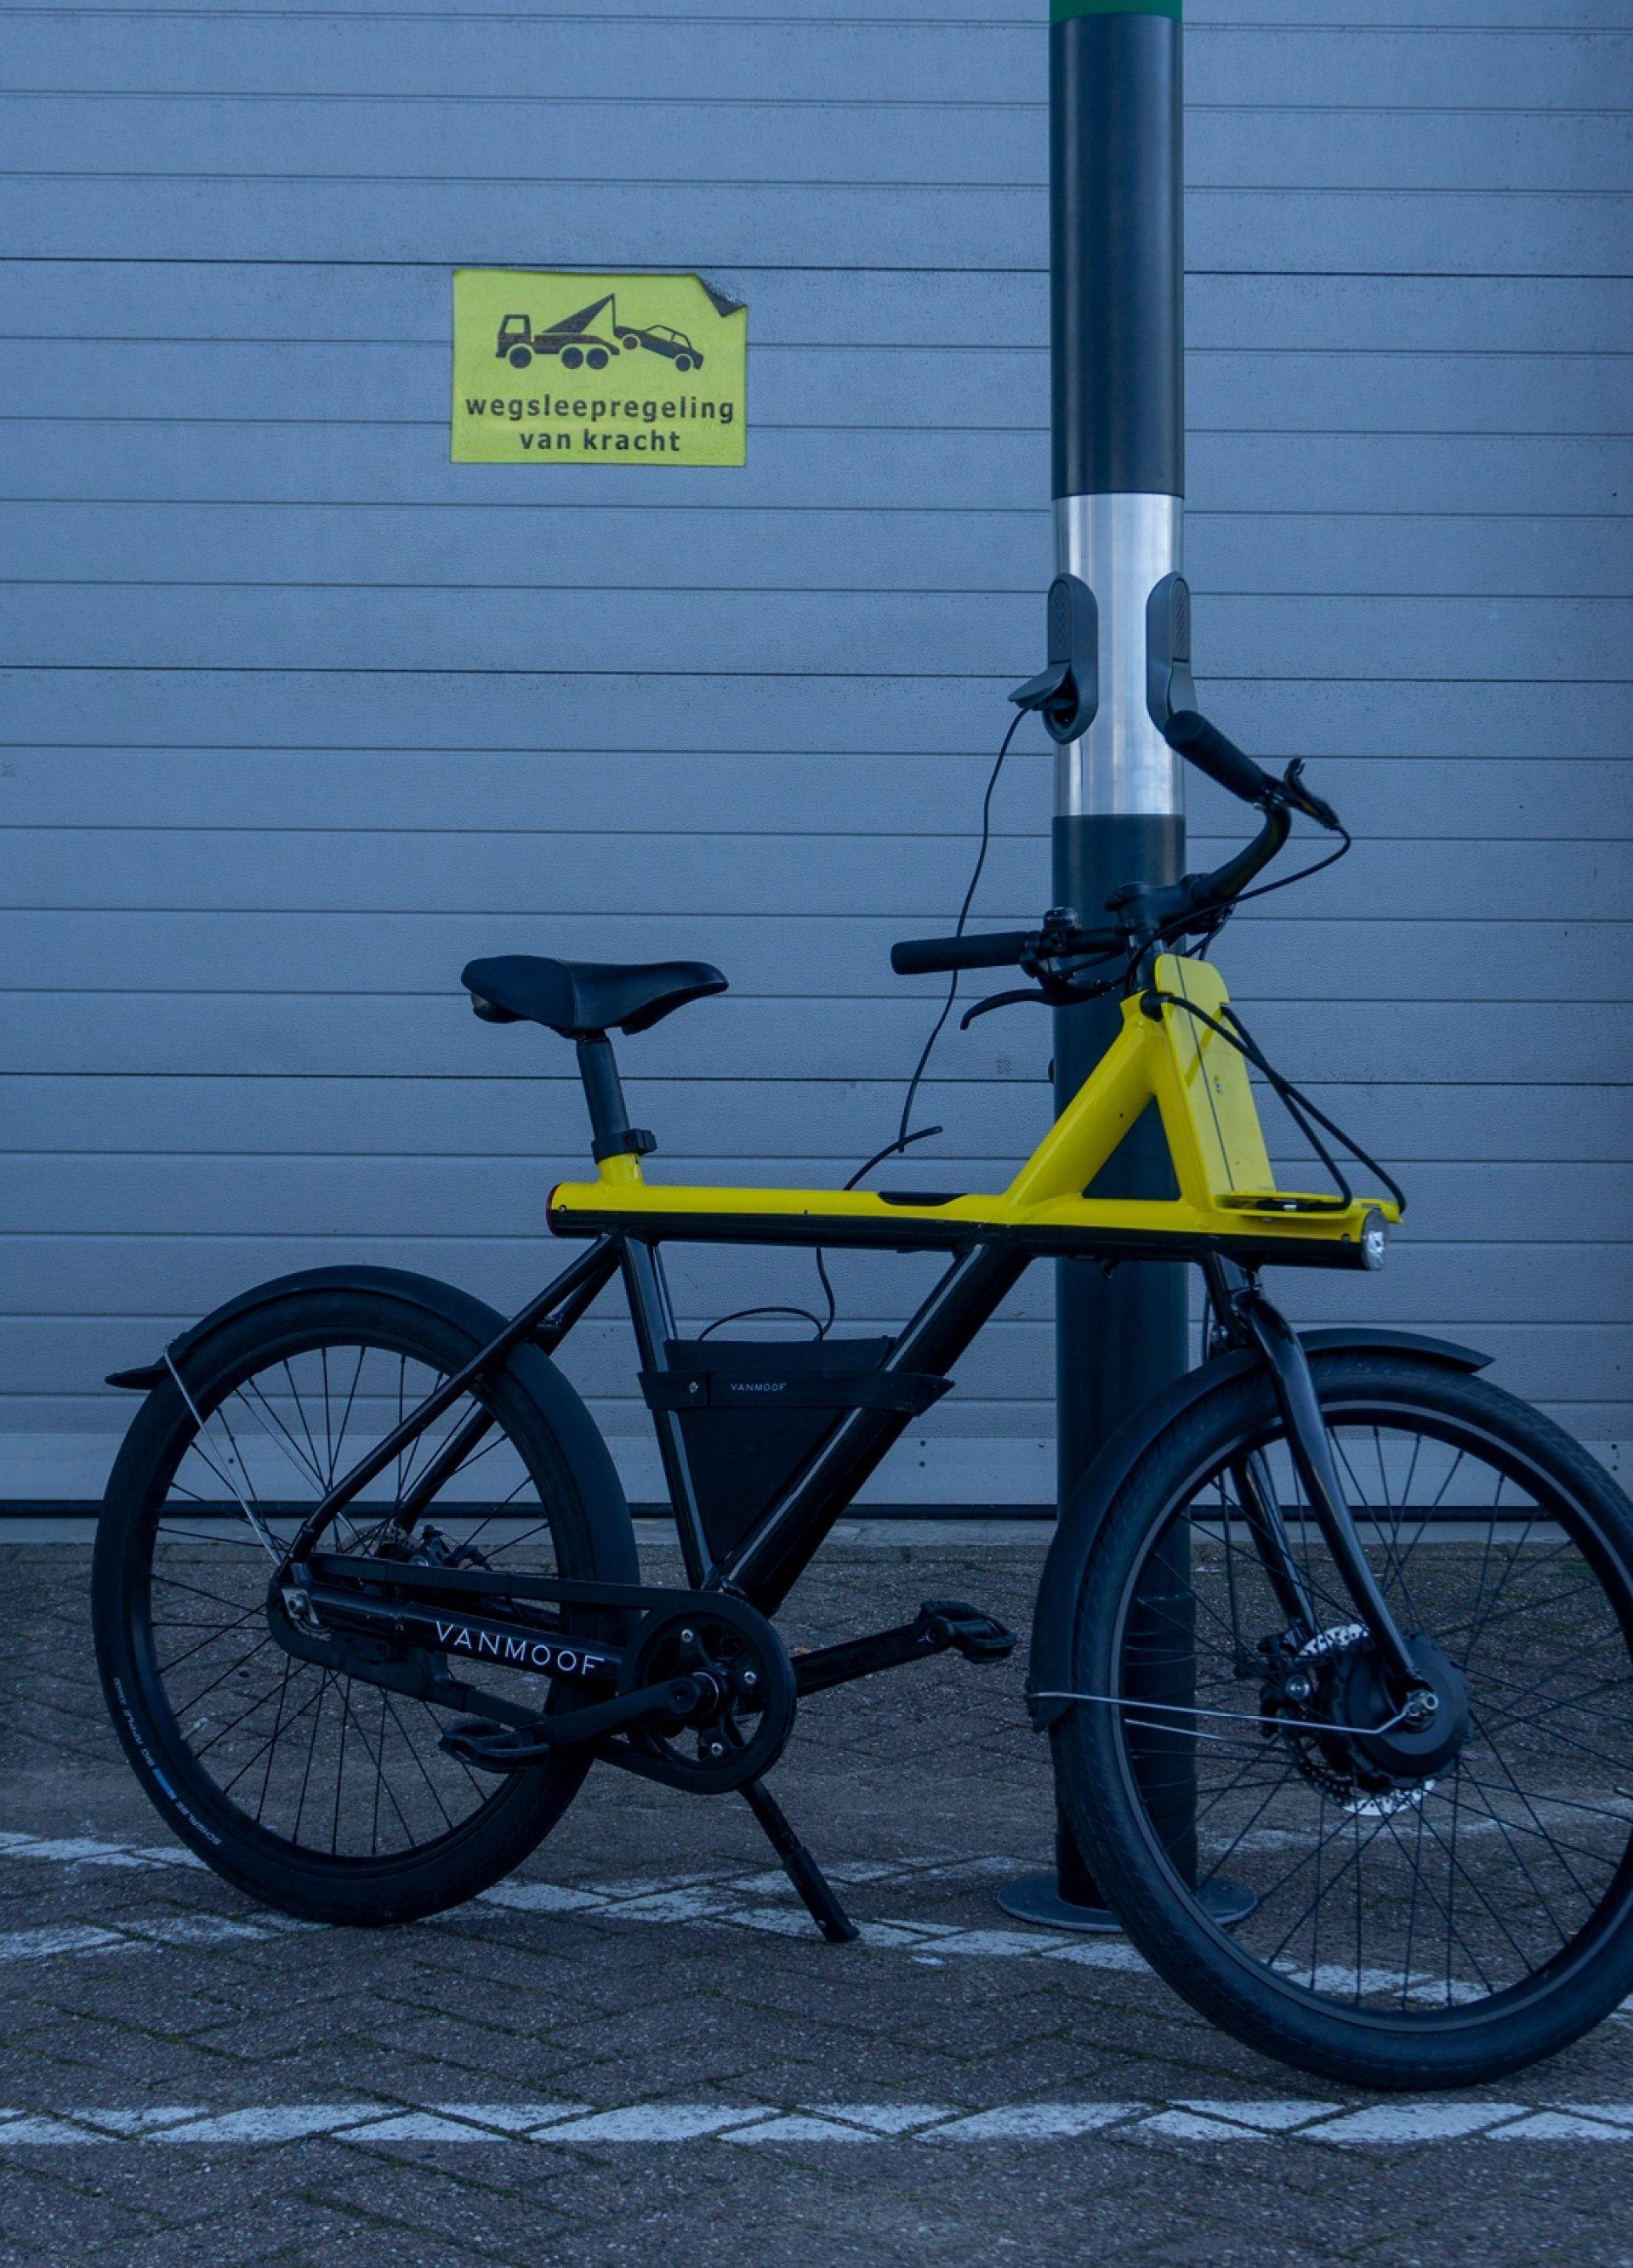 Laadpaal voor elektrische fietsen